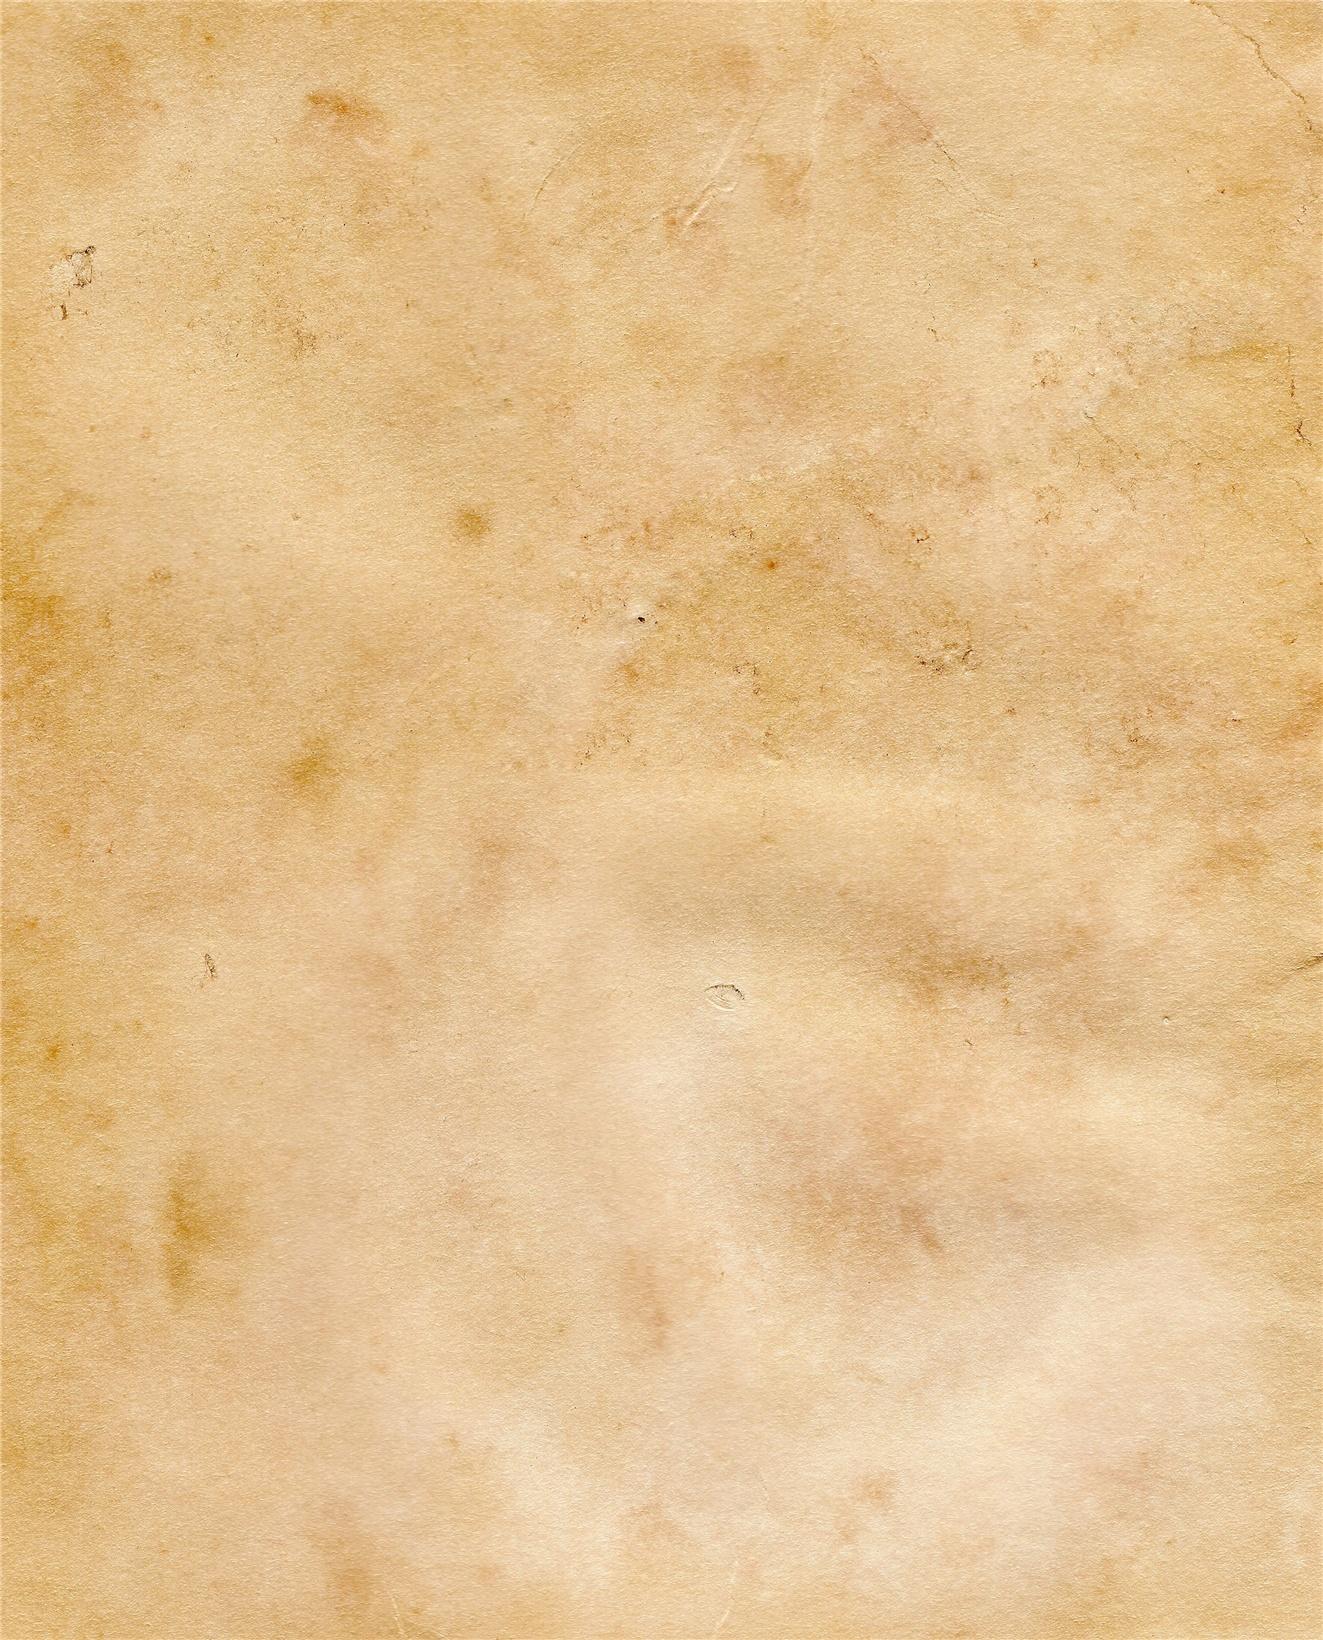 текстура старой бумаги скачать: